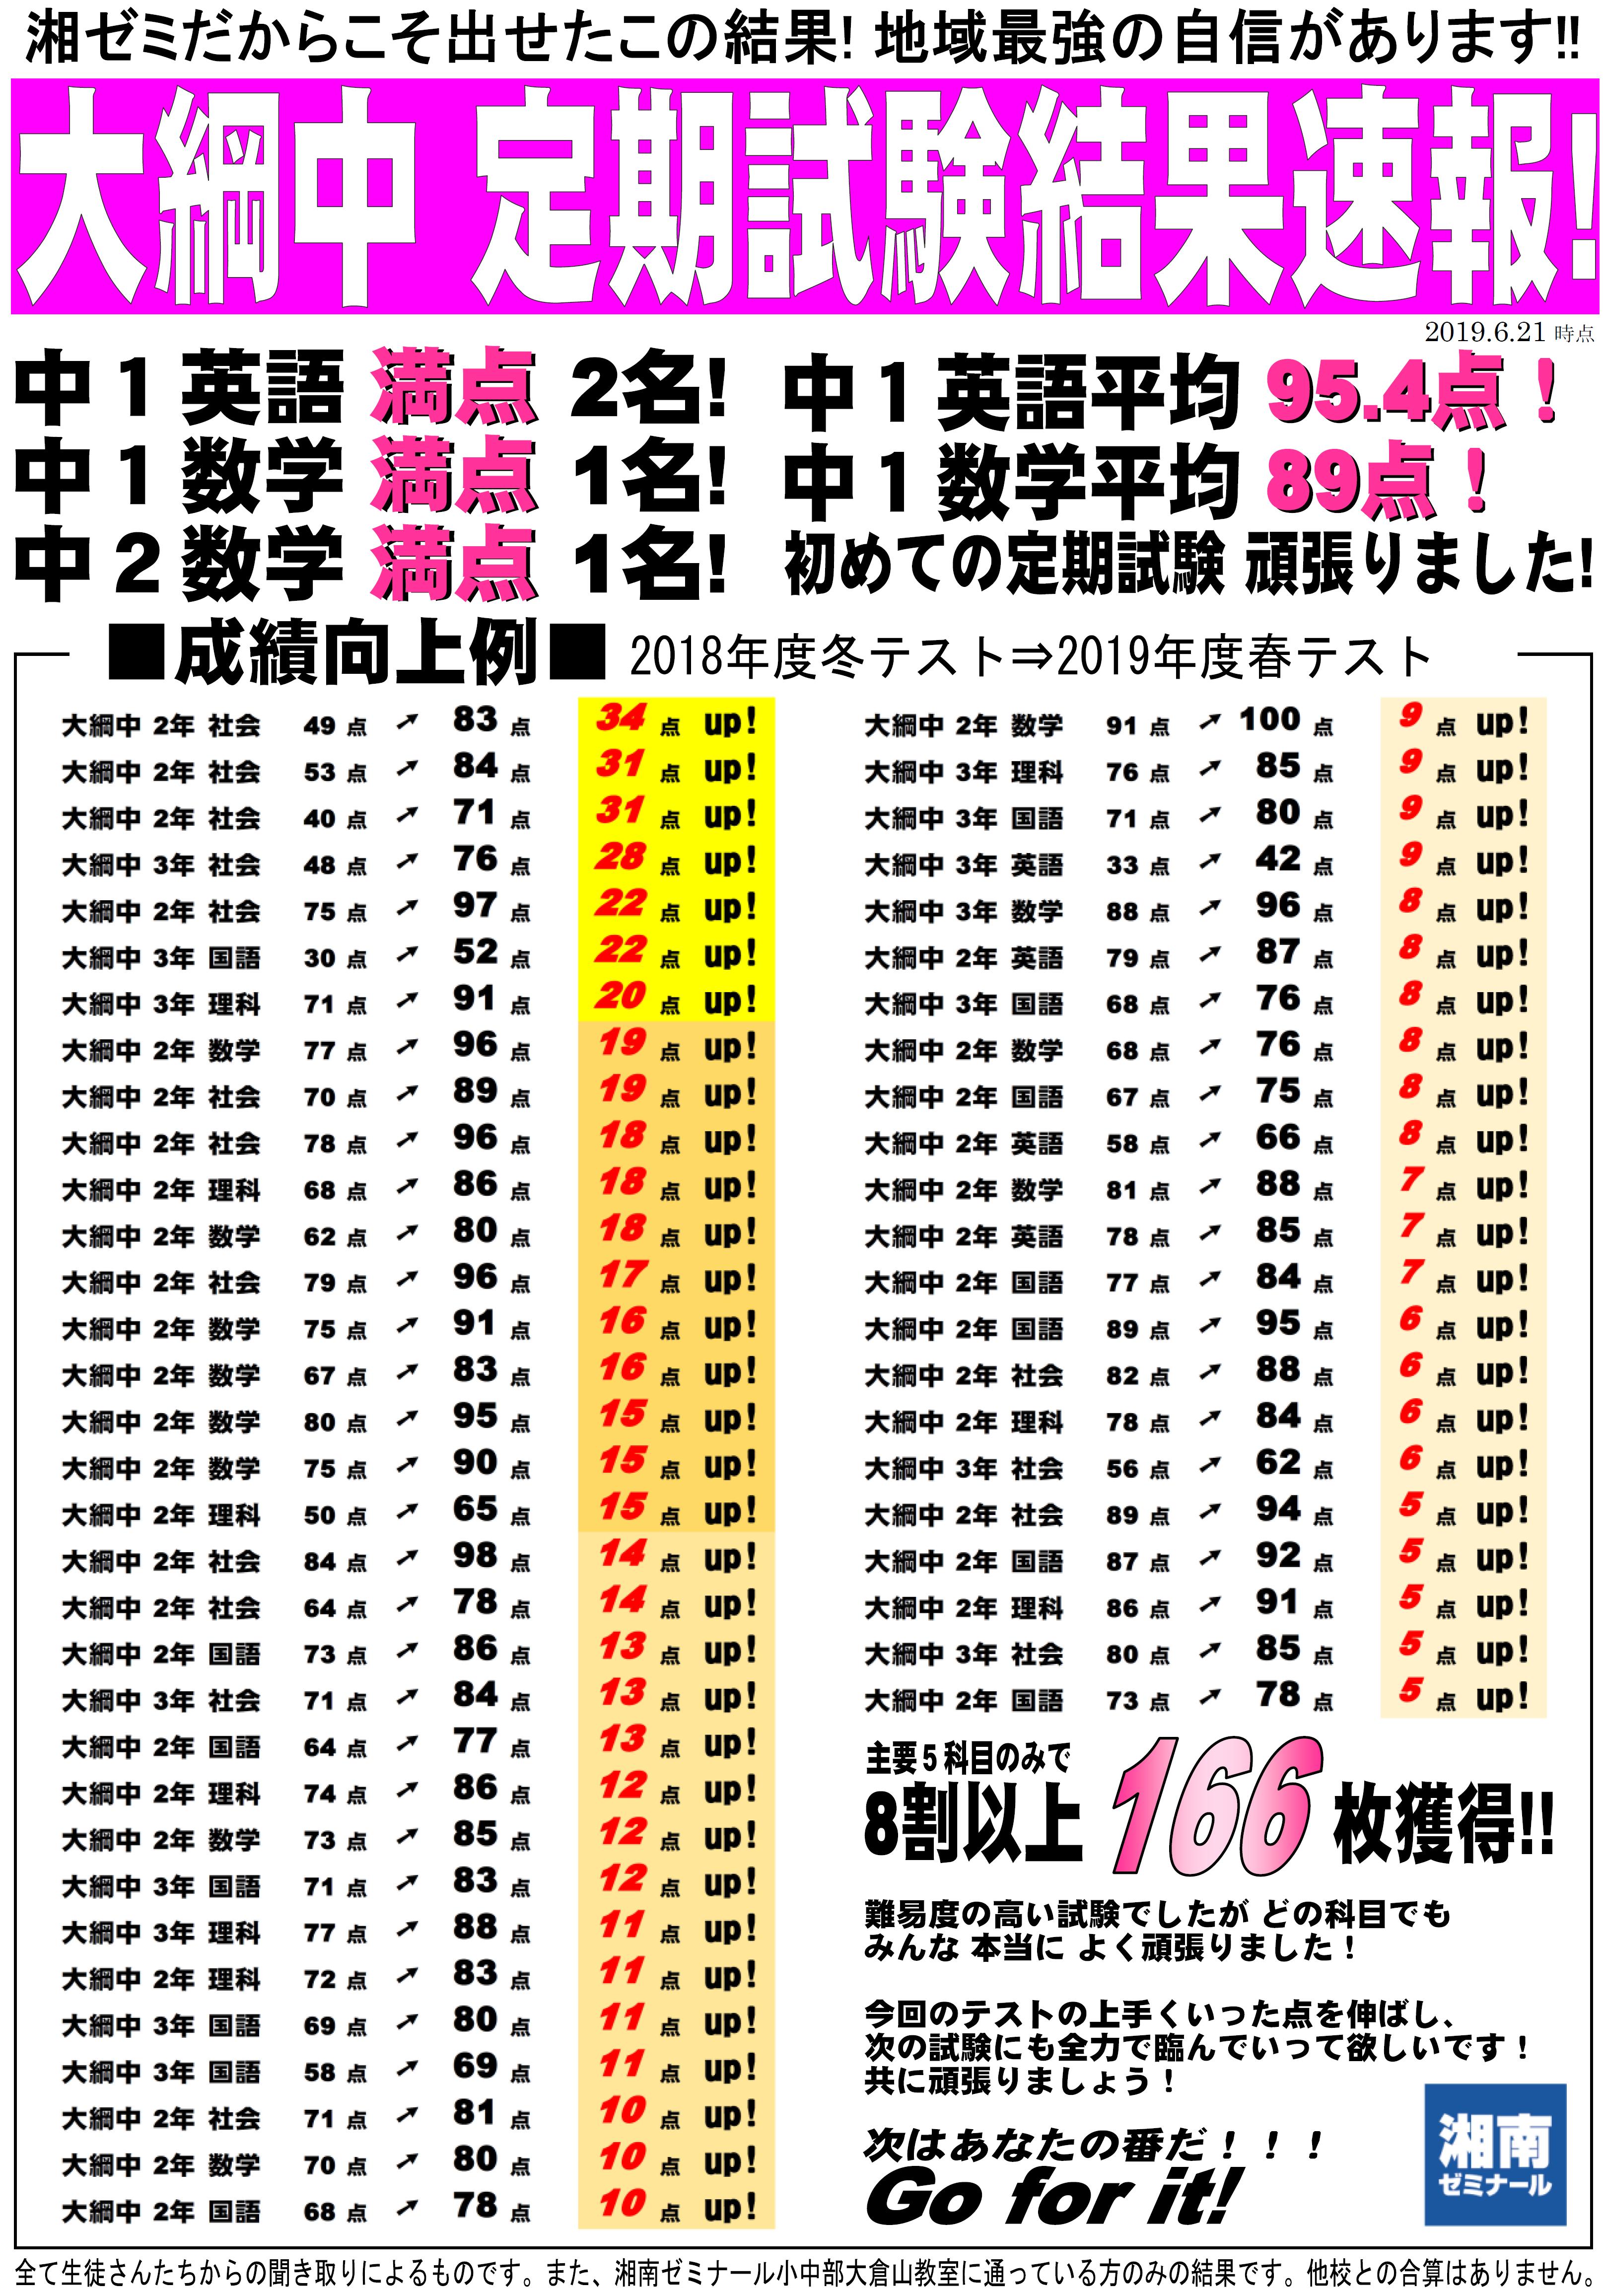 試験結果大綱.png